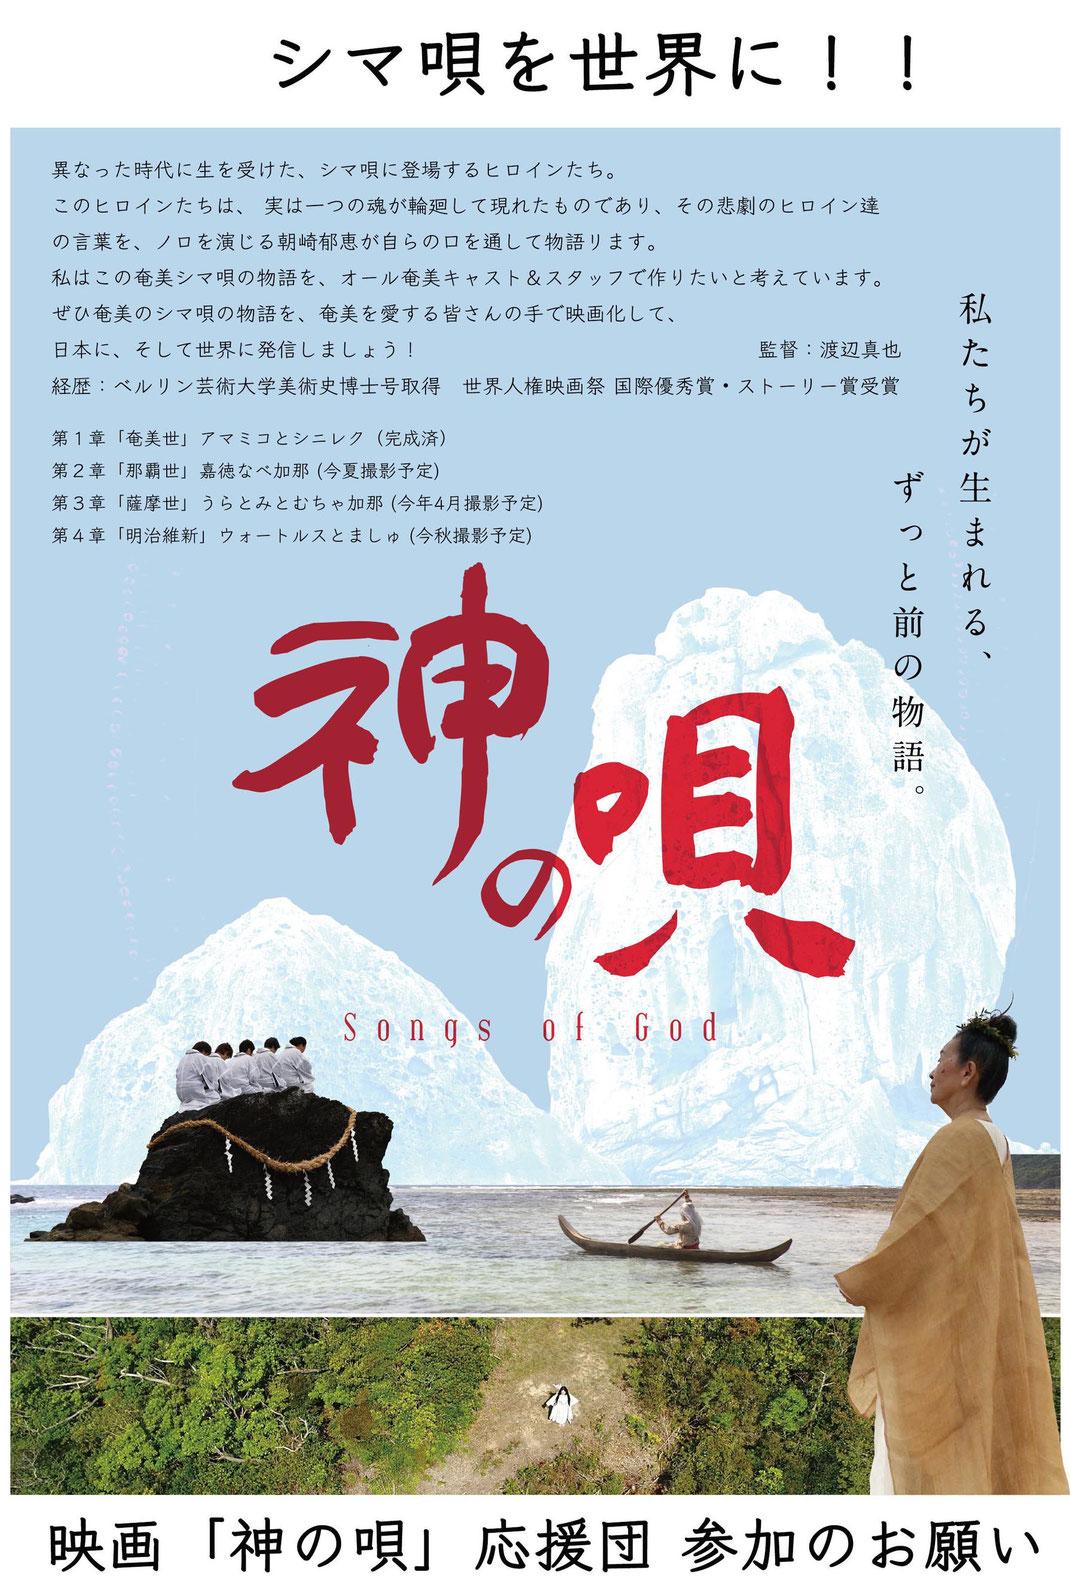 シマ唄を世界に!! 映画「神の唄」応援団 参加のお願い